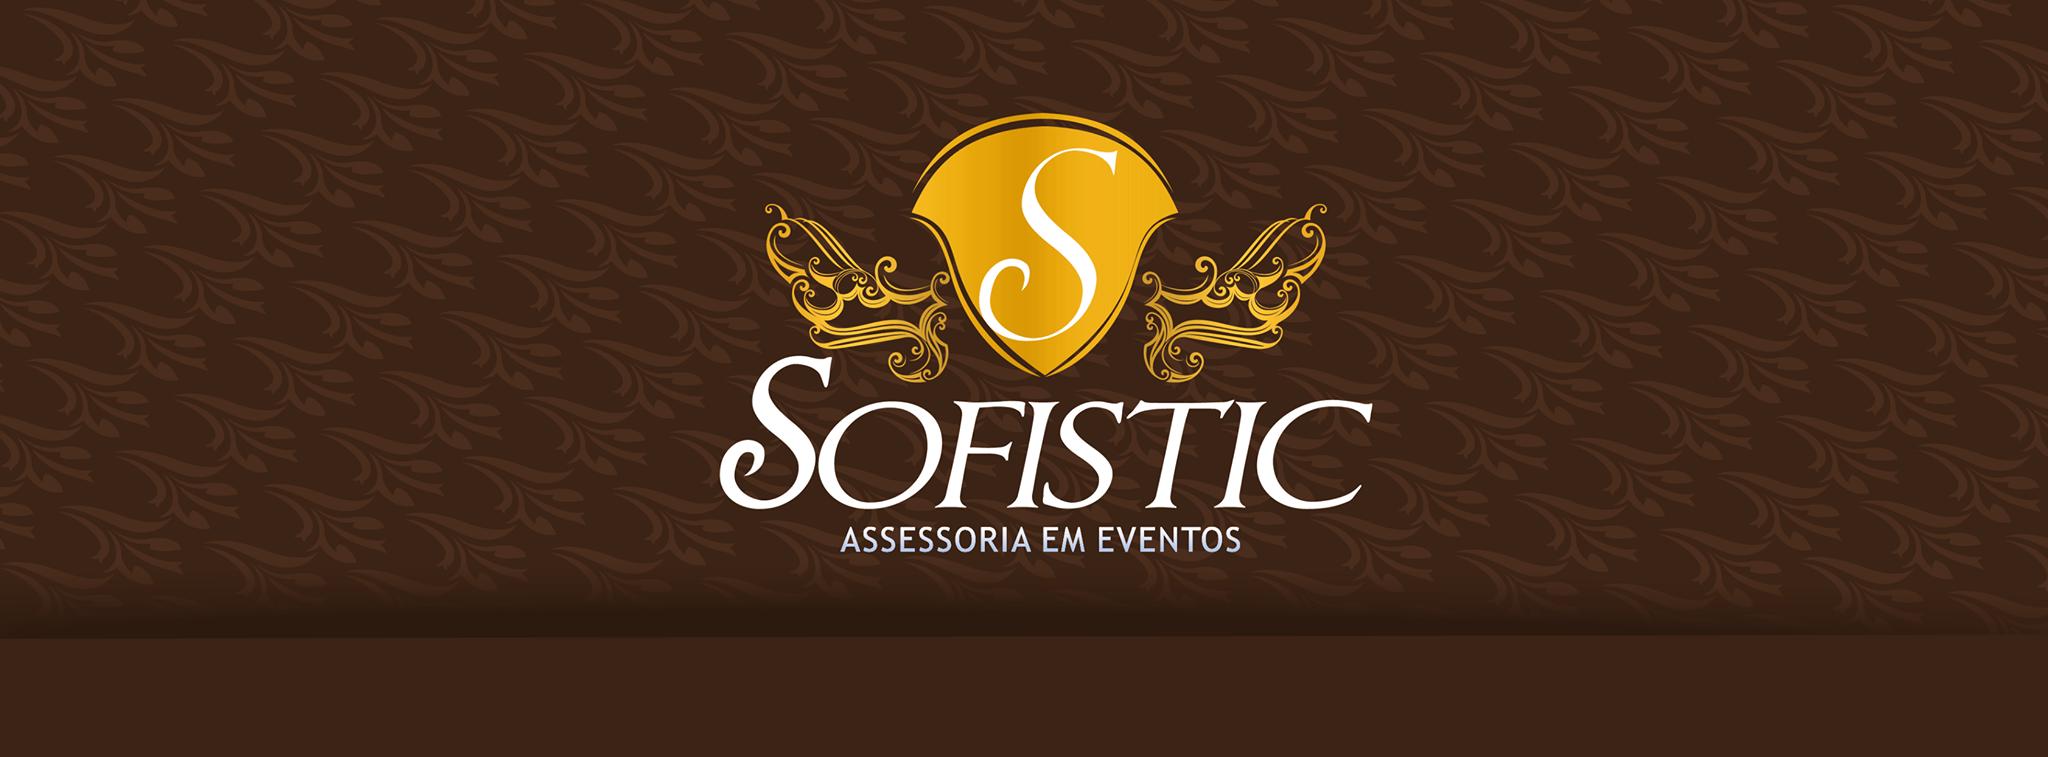 SOFISTIC-ASSESSORIA EM EVENTOS